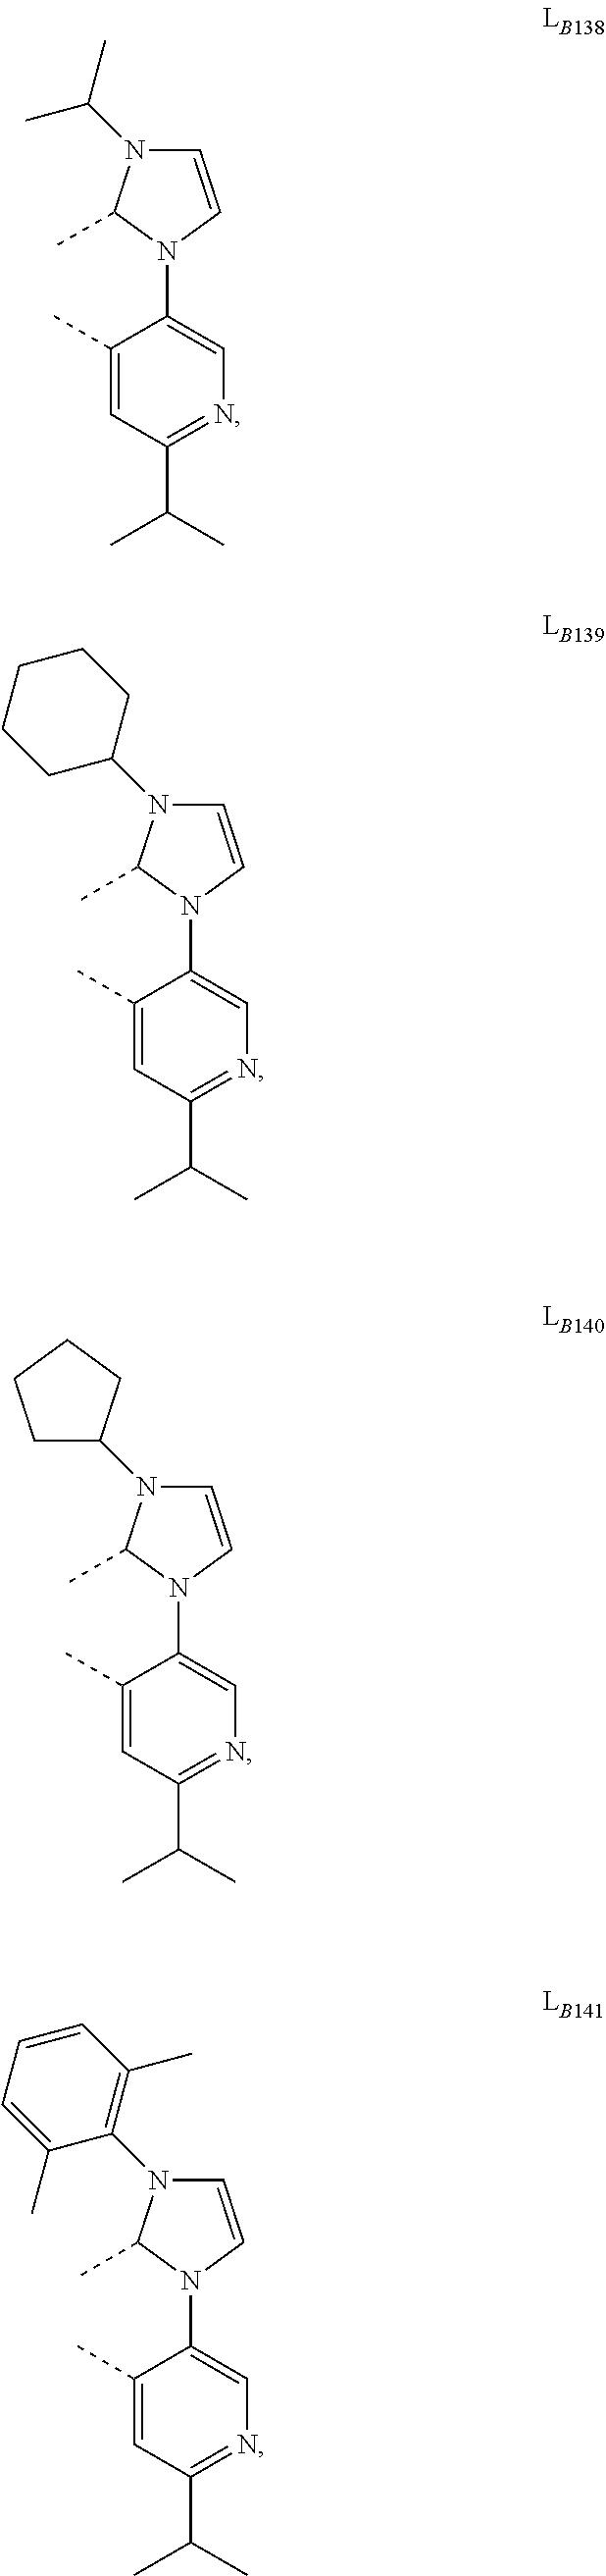 Figure US09905785-20180227-C00588